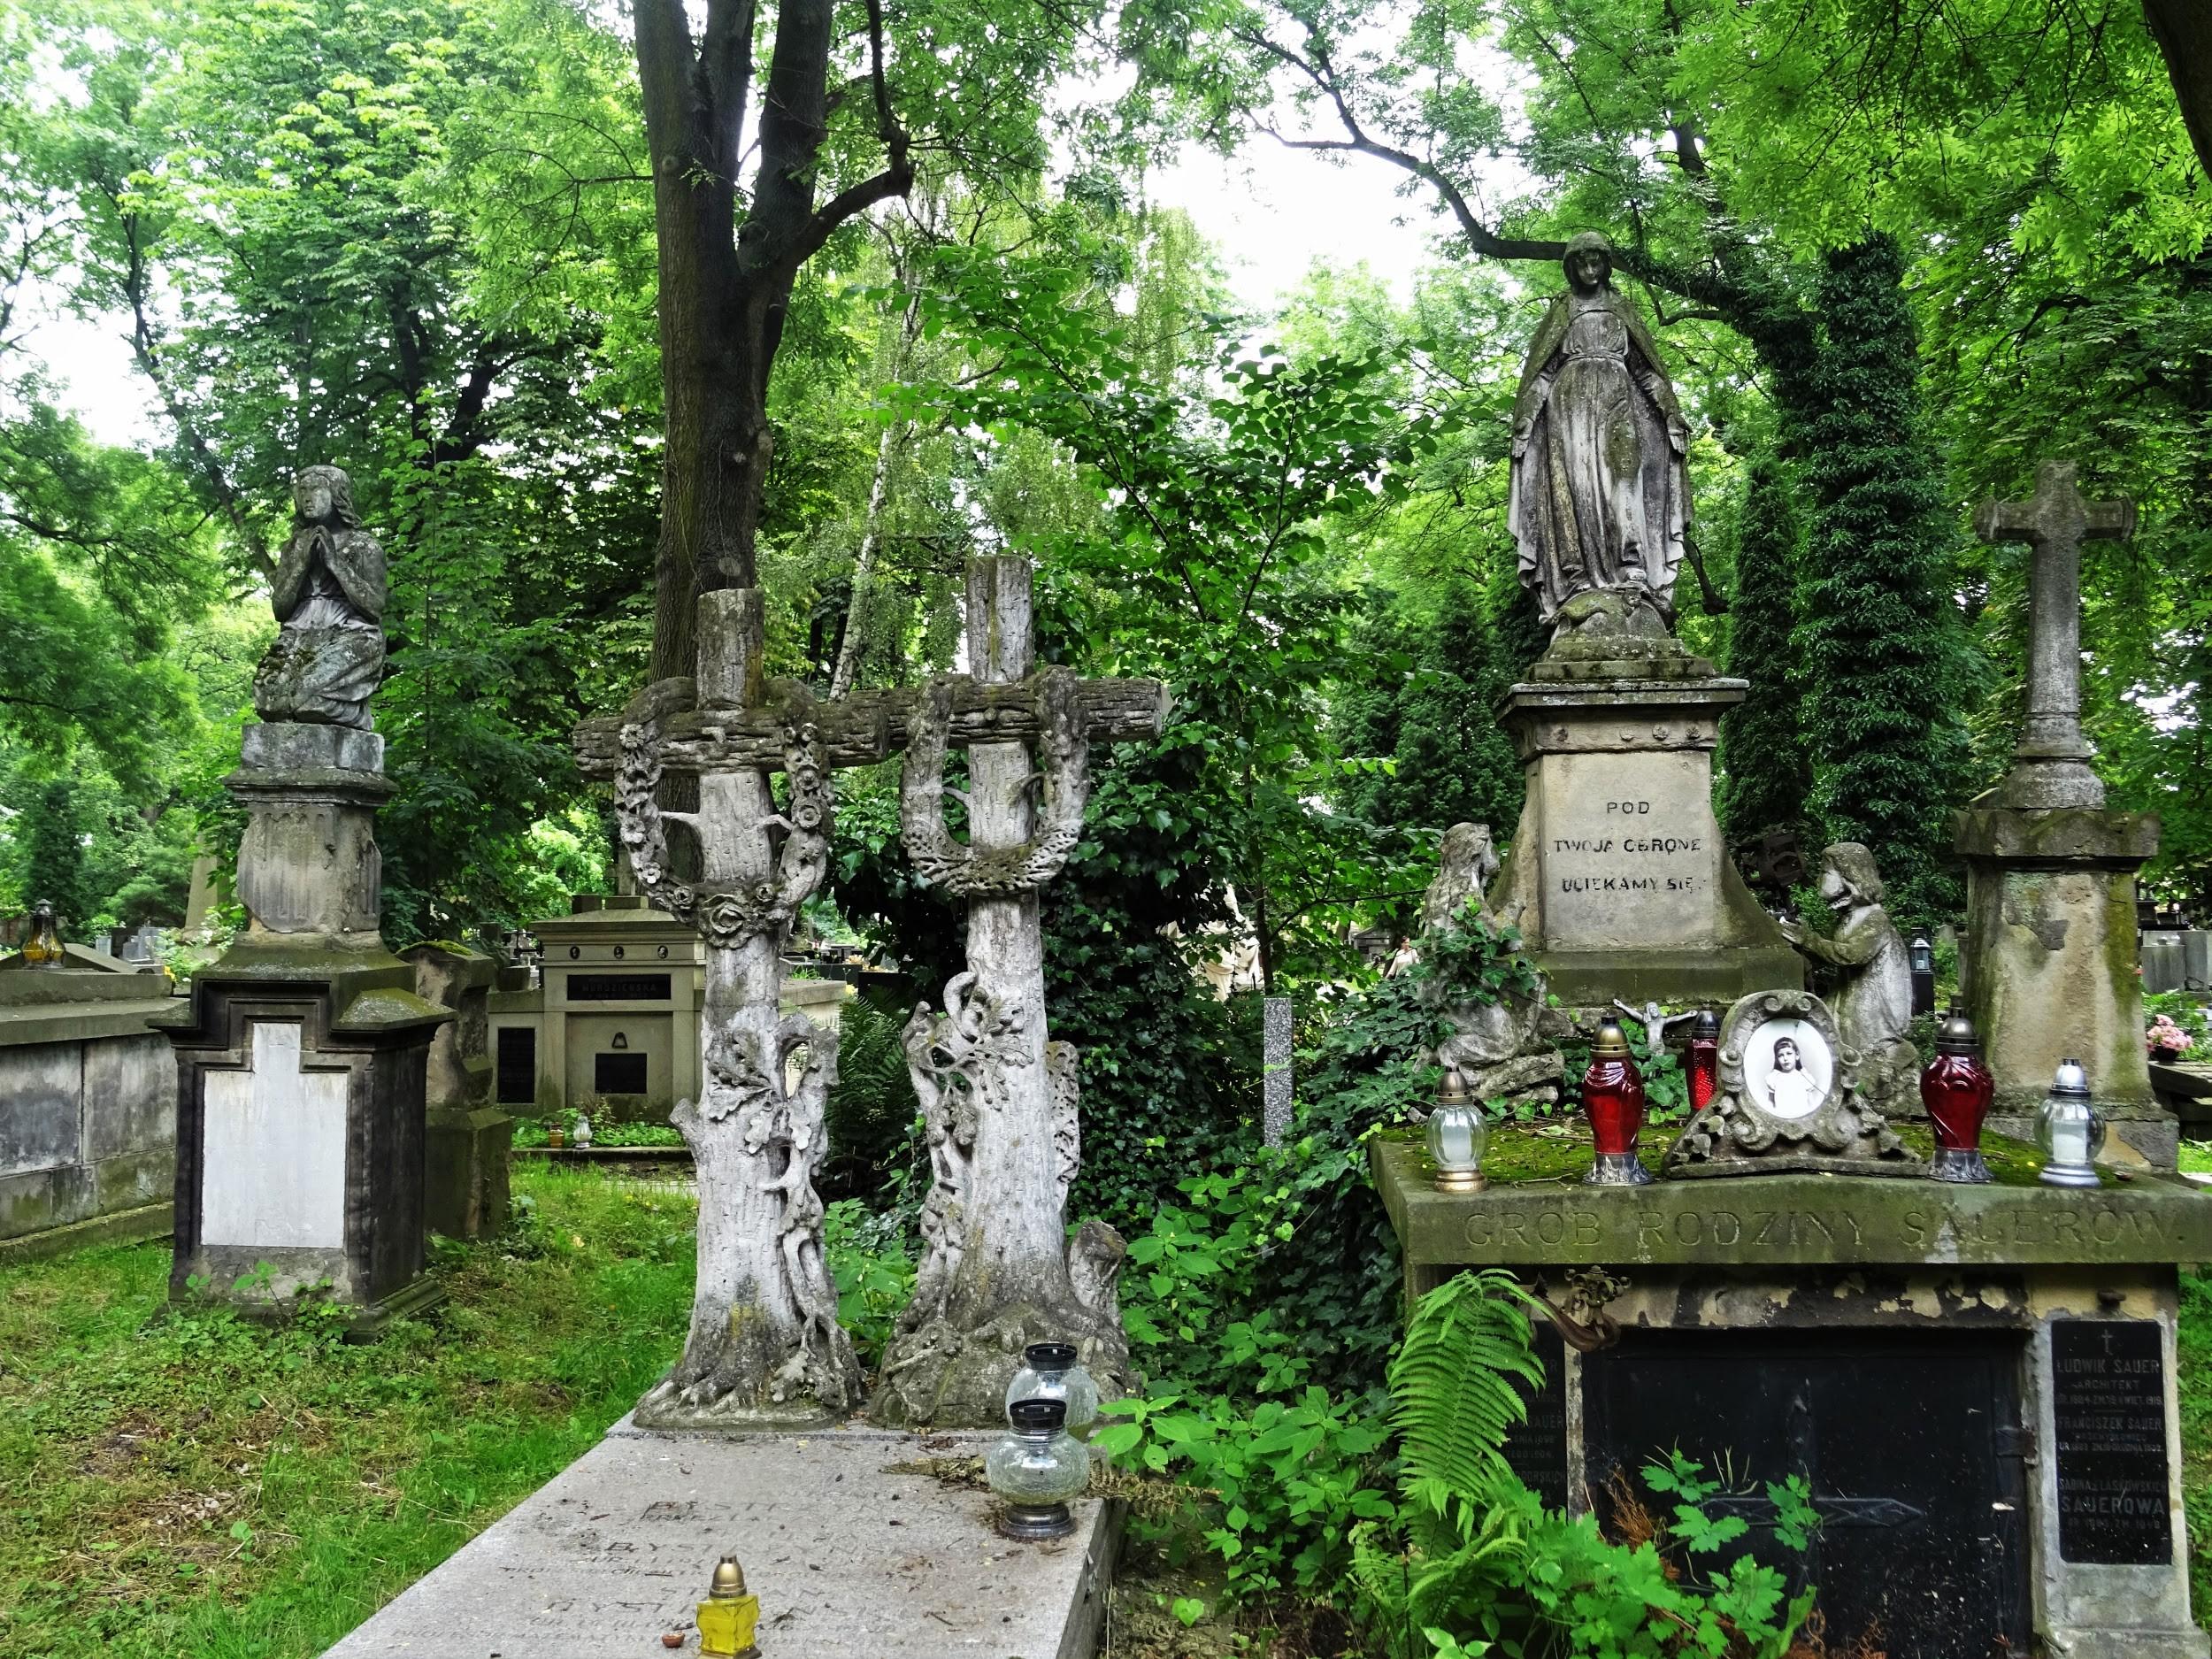 CmentarzRakowicki-Krakow-CityBreak-04